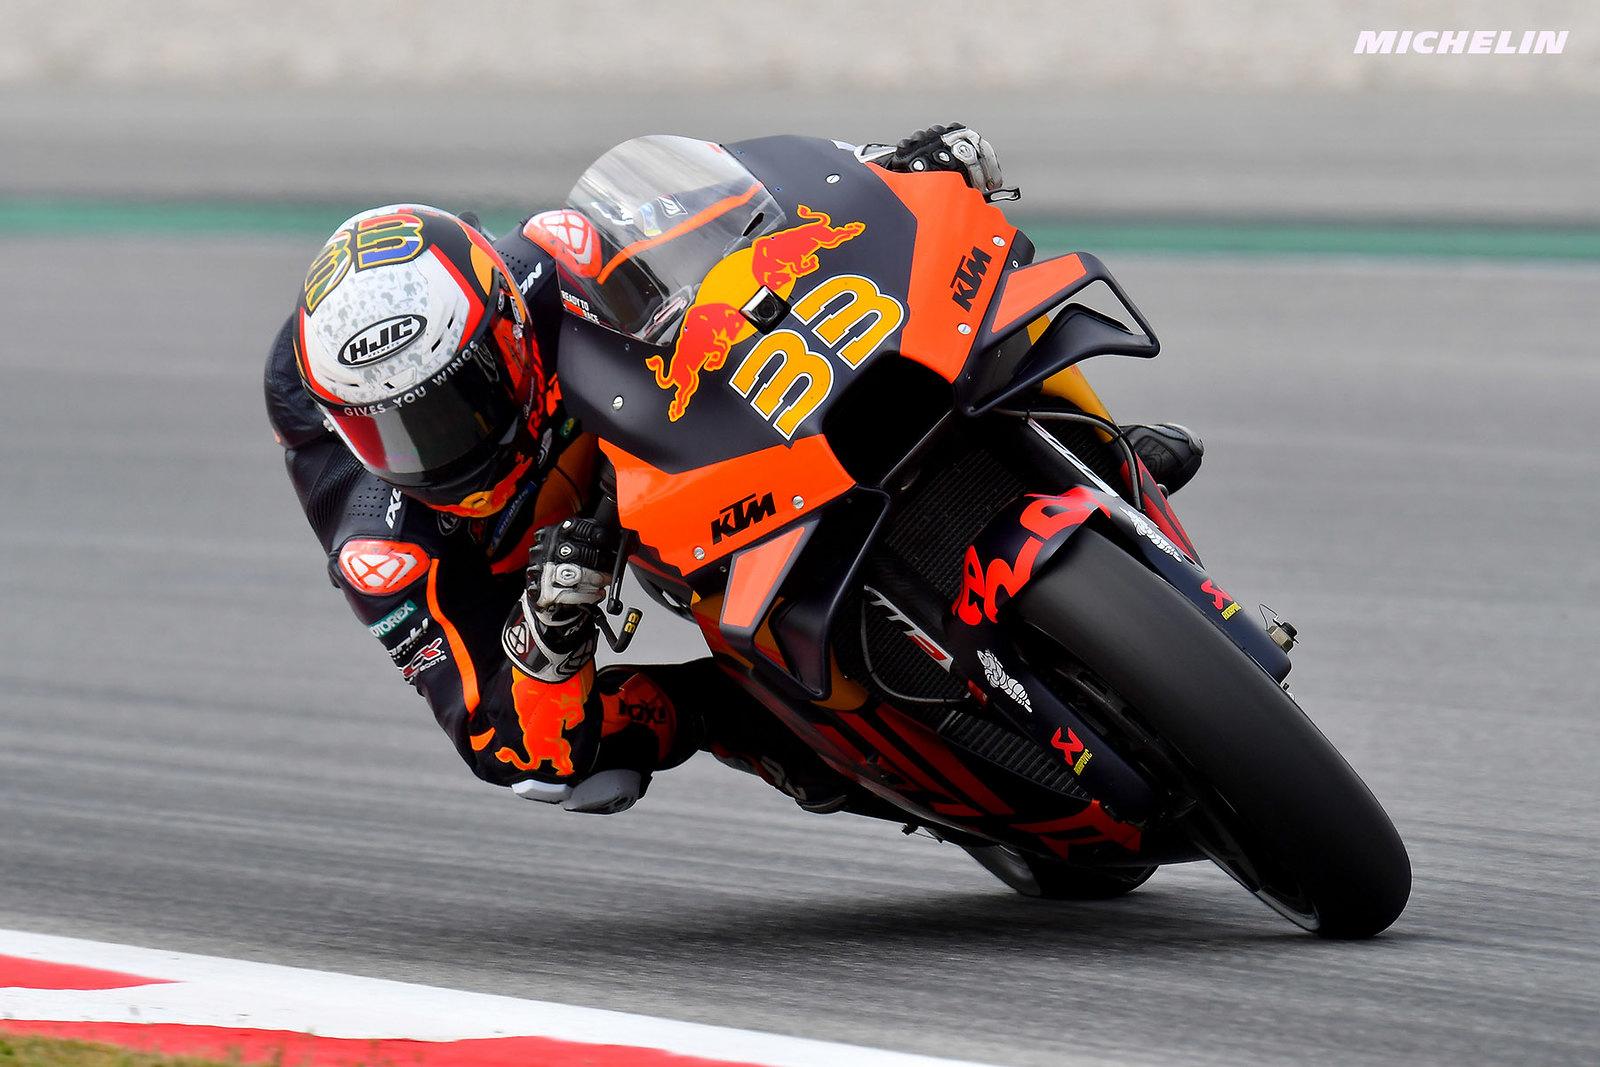 MotoGP2021カタルーニャGP 初日総合4位ブラッド・ビンダー「全体的なフィーリングは悪くない」